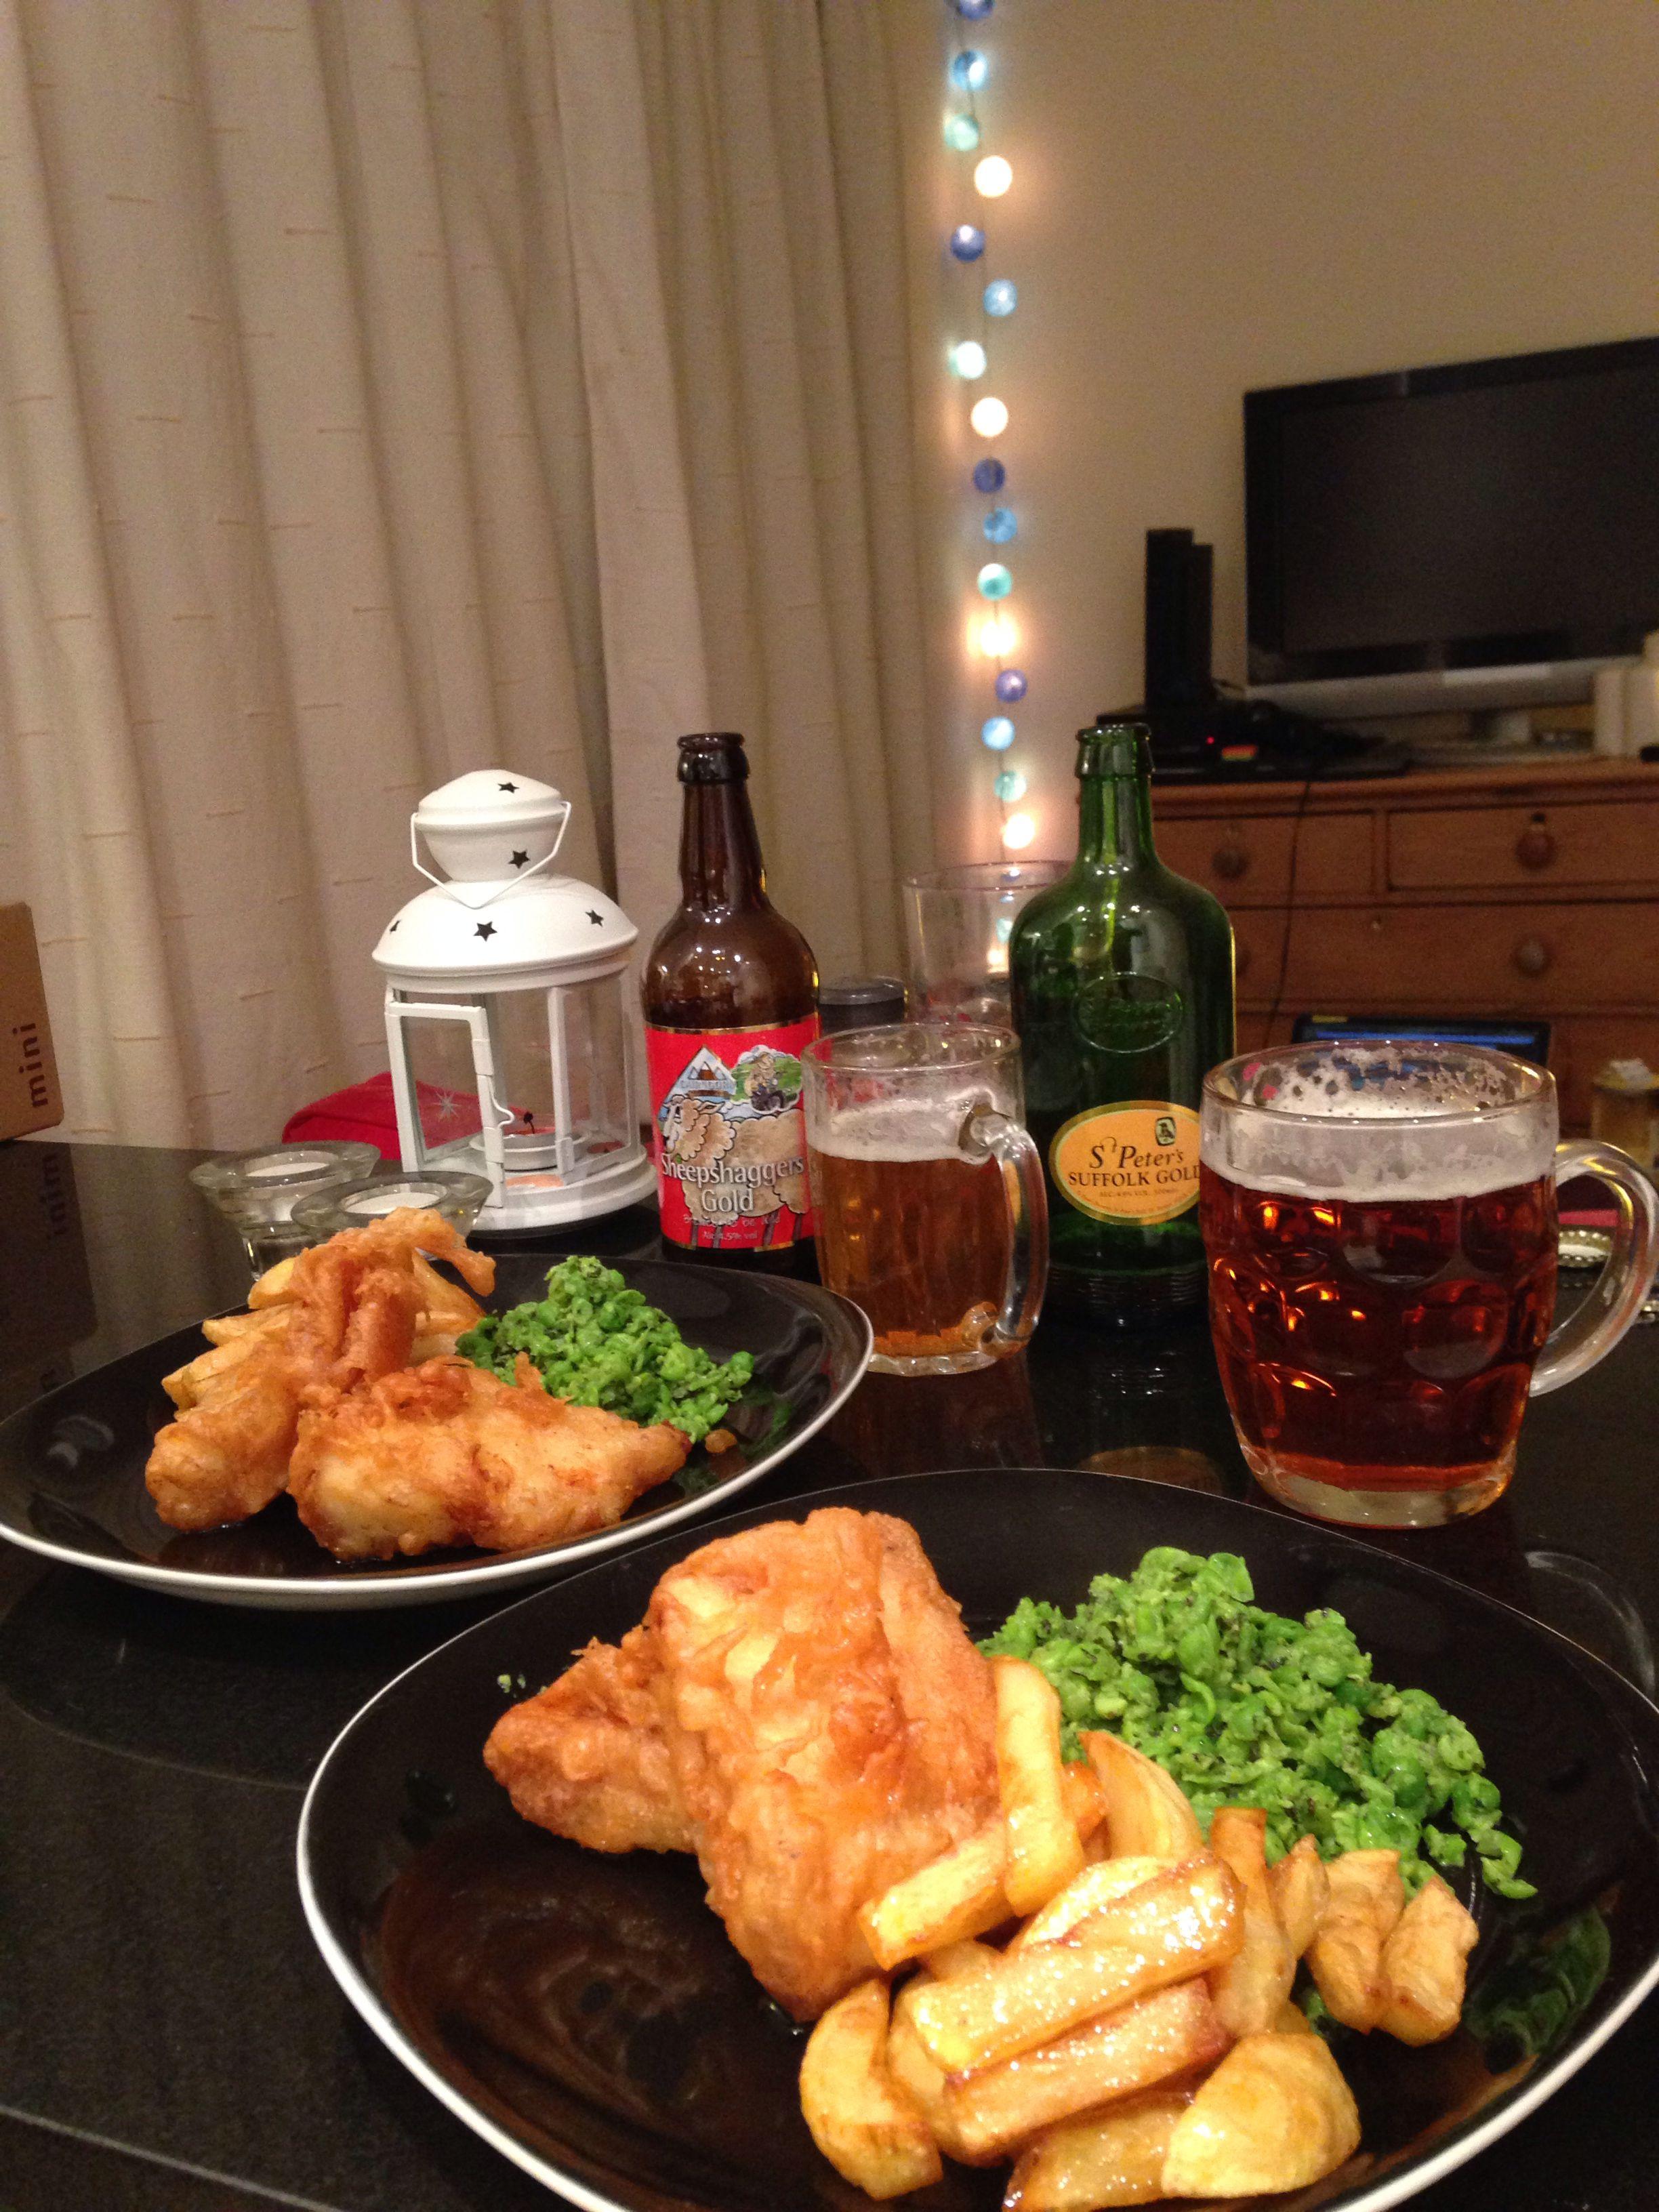 Leftover River Cottage beer = homemade beer-battered cod and chips.